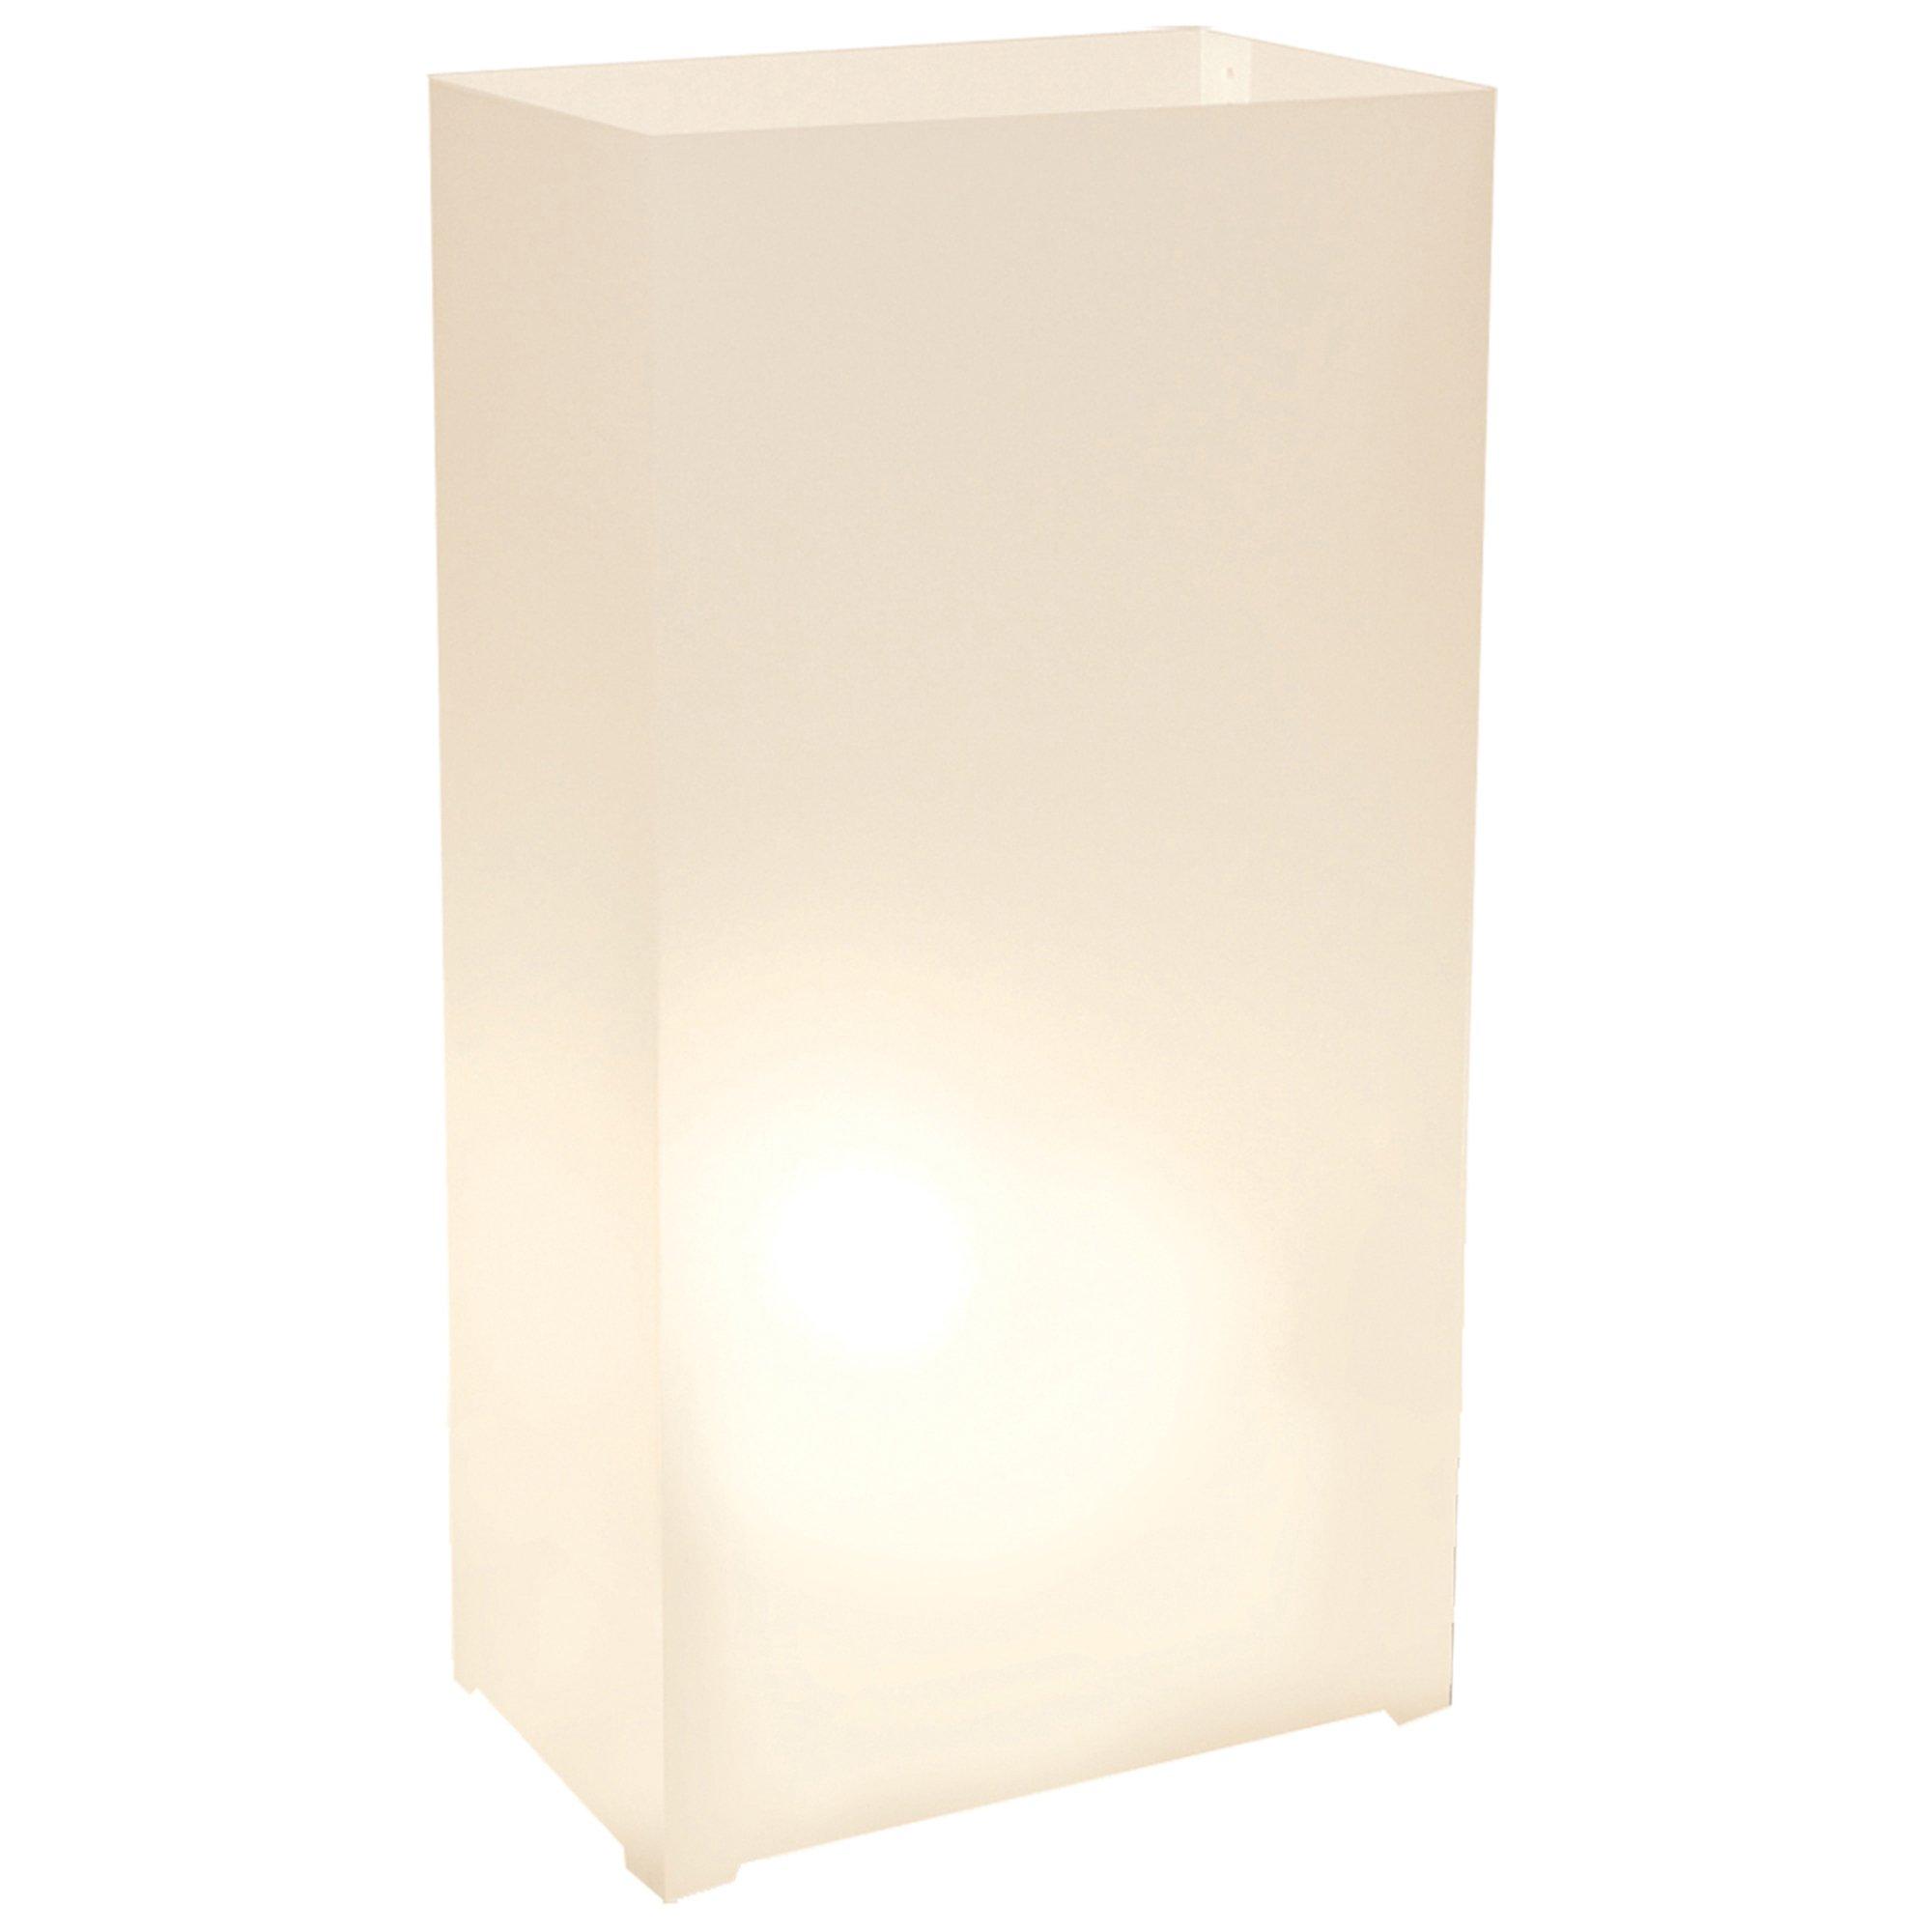 Lumabase 318100 100 Count Plastic Lanterns, White by Lumabase